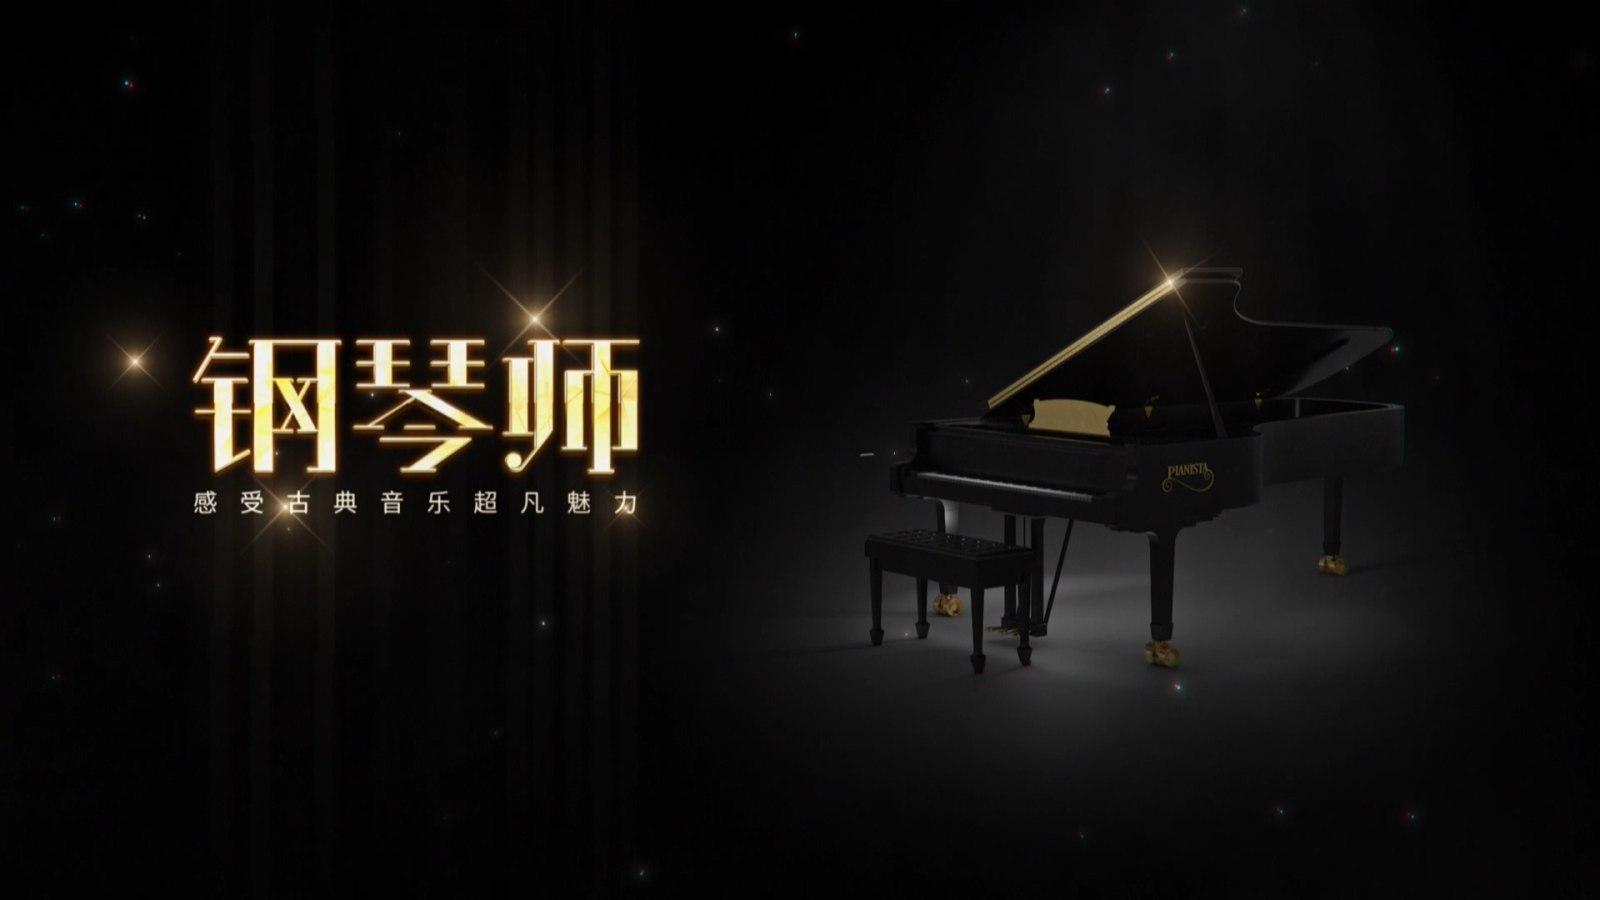 《钢琴师》于今日正式登录 iOS与TapTap